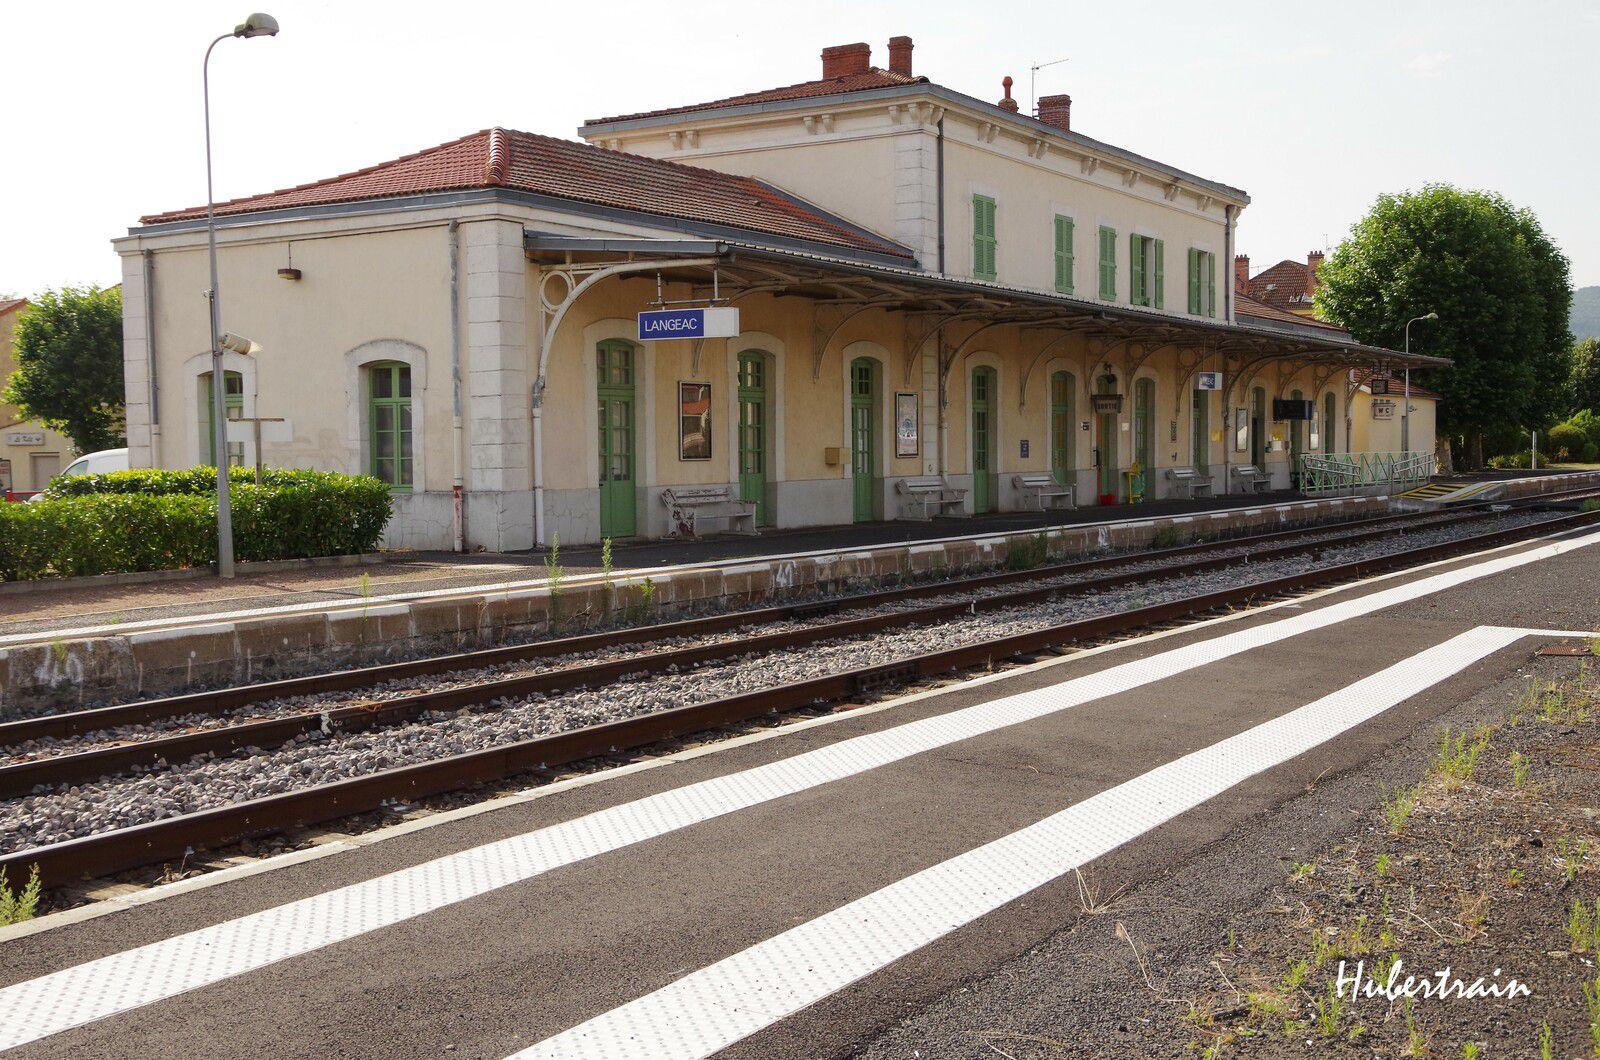 Langeac - Ligne des Cévennes - Août 2017